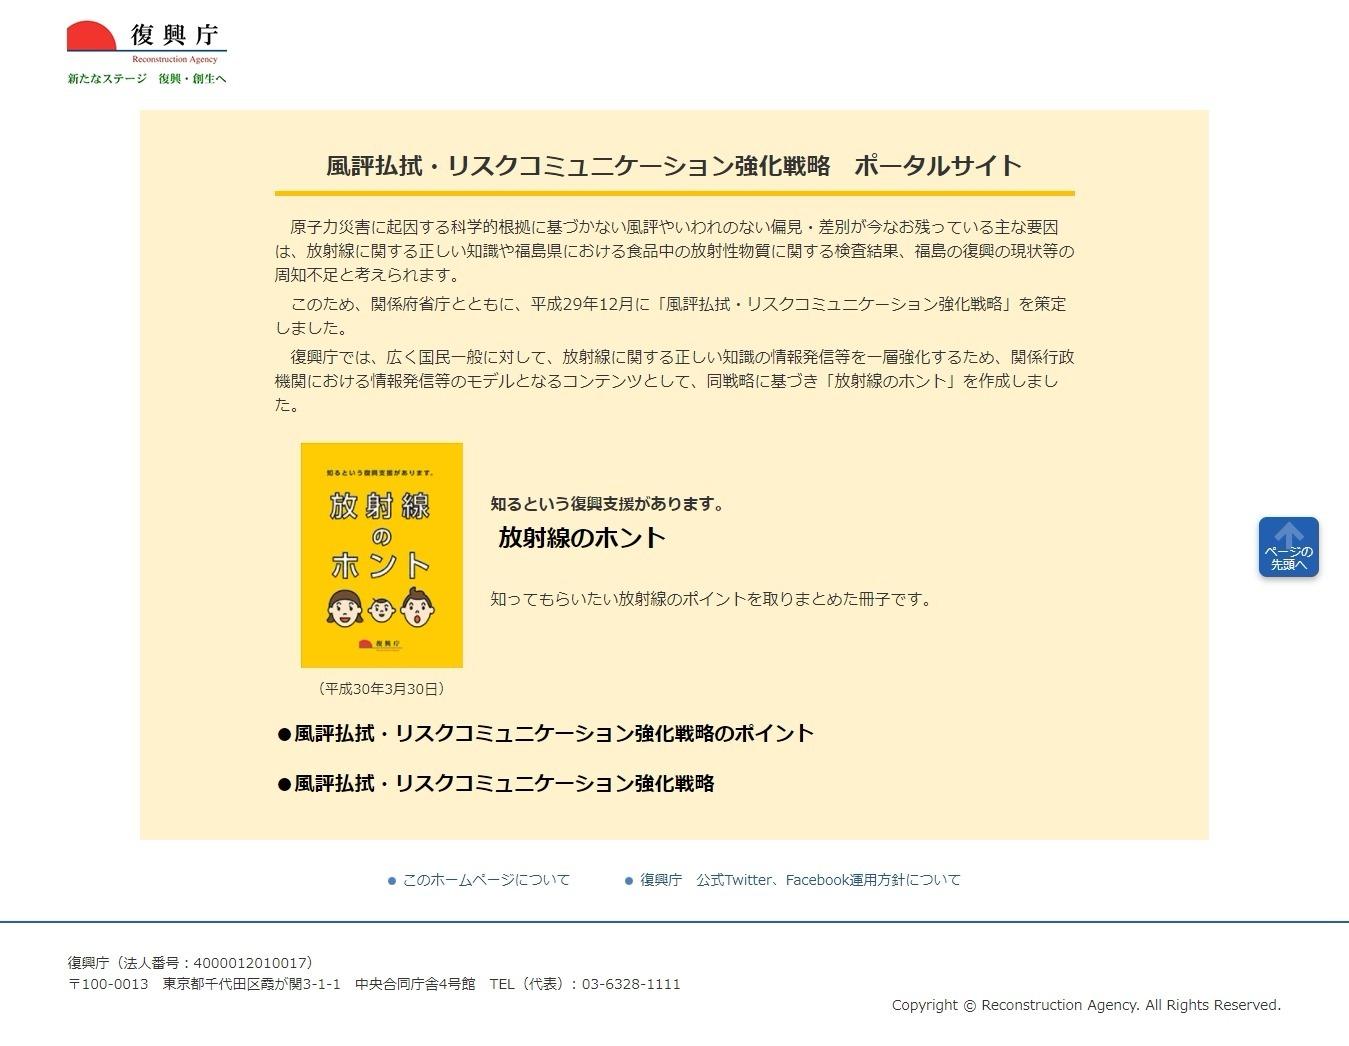 【復興庁】放射線のホント「うつりません」…知識普及のためへパンフレット発行